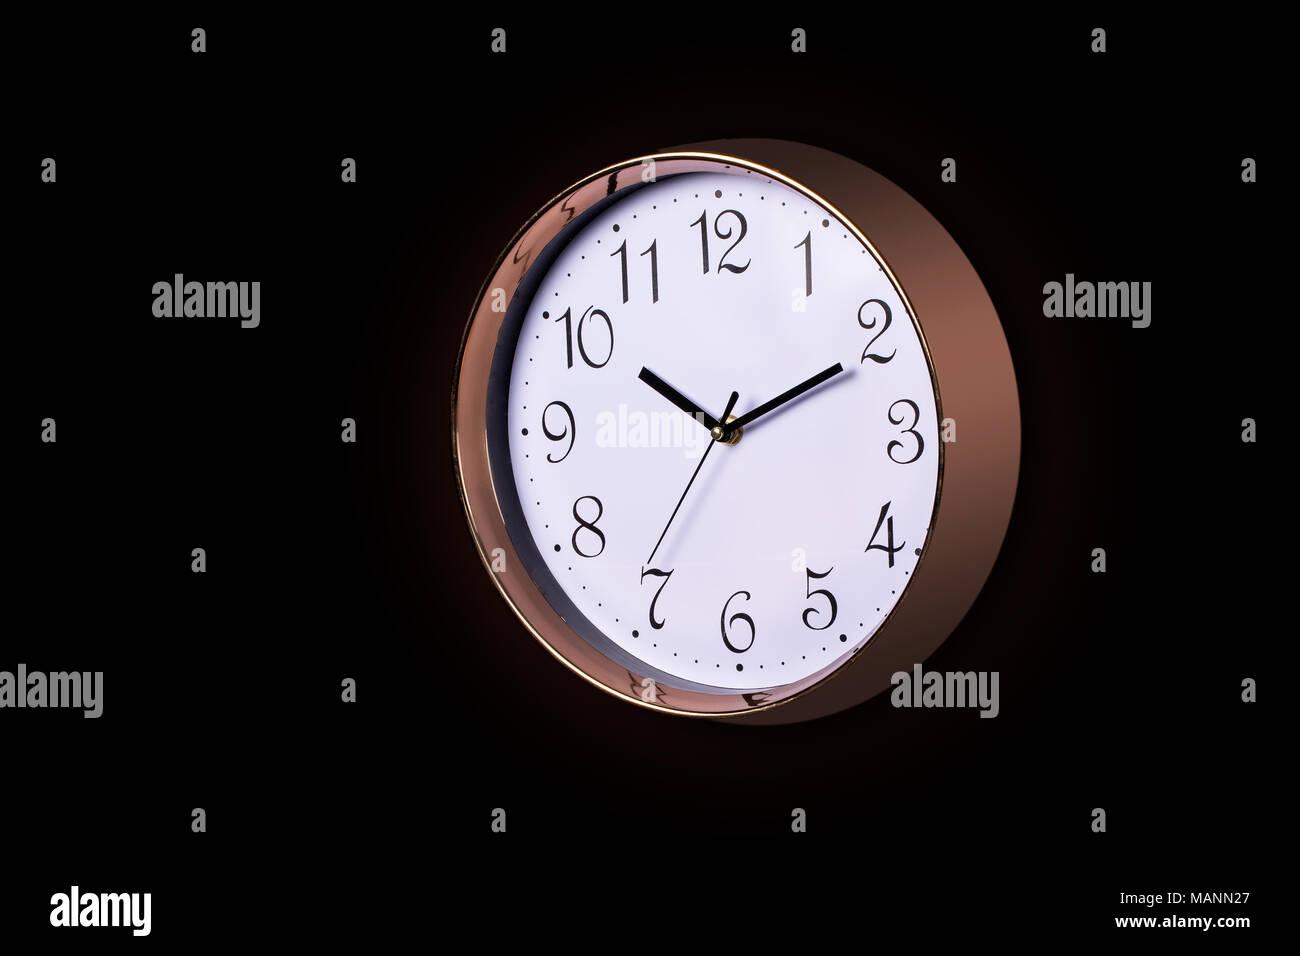 fb7178f77bf9 Cerca de un gran reloj de pared tictac decorativos metálicos en color oro  rosa y cara blanca